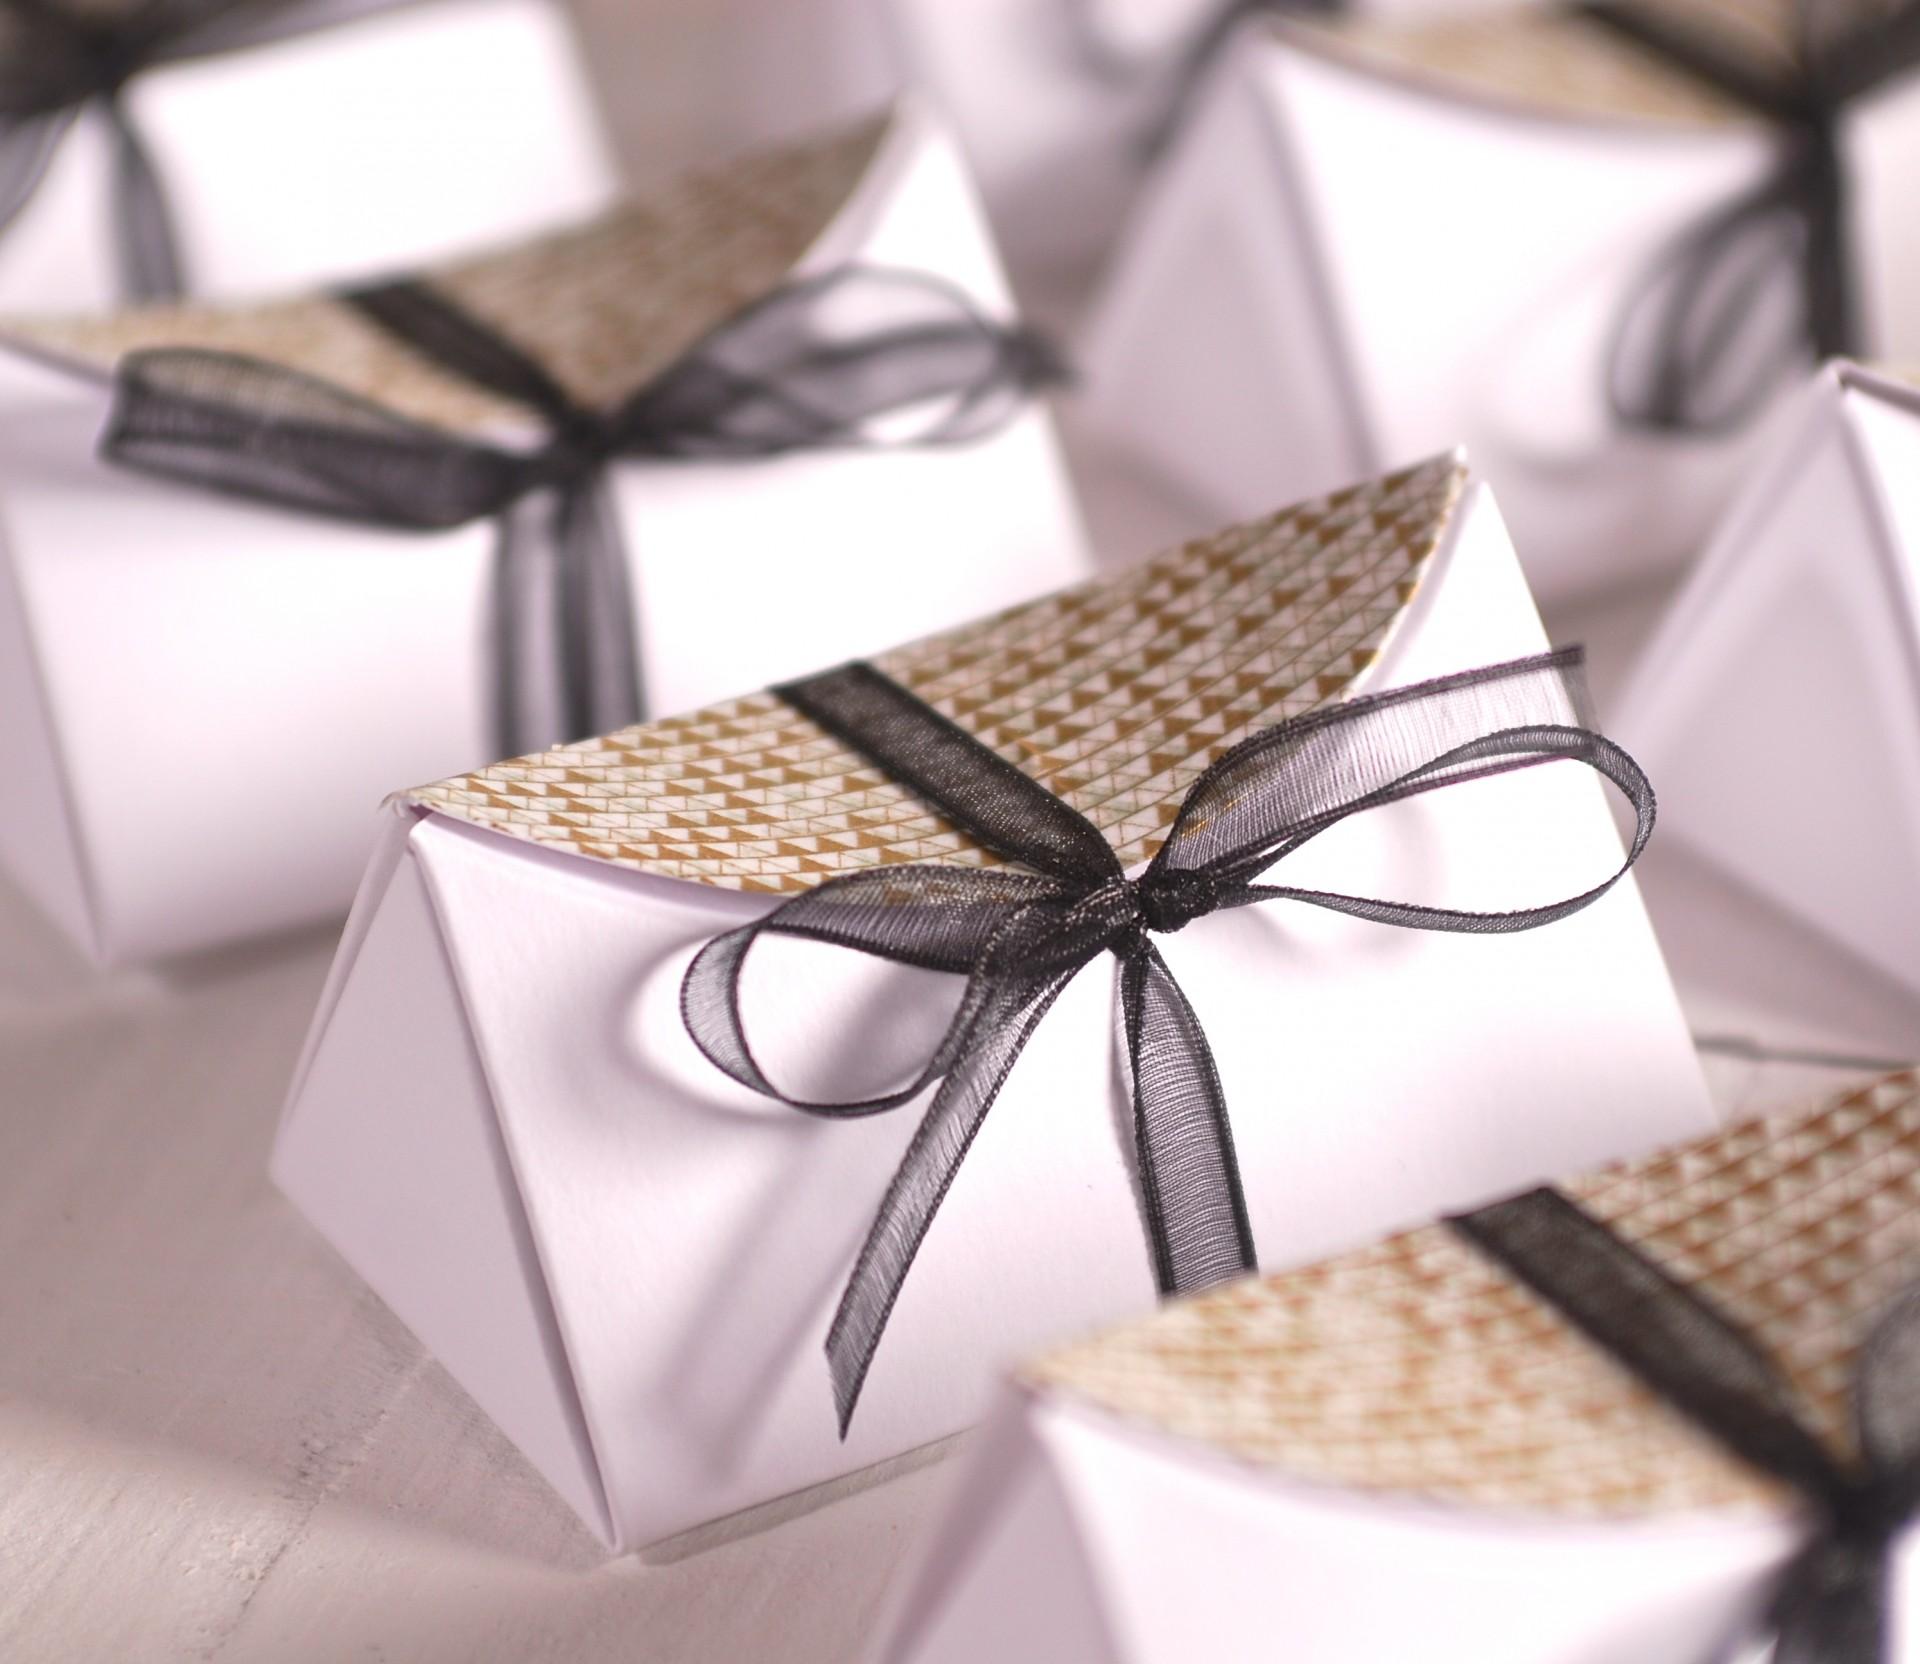 El packaging perfecto para los detalles de tu boda - Detalles para una boda perfecta ...